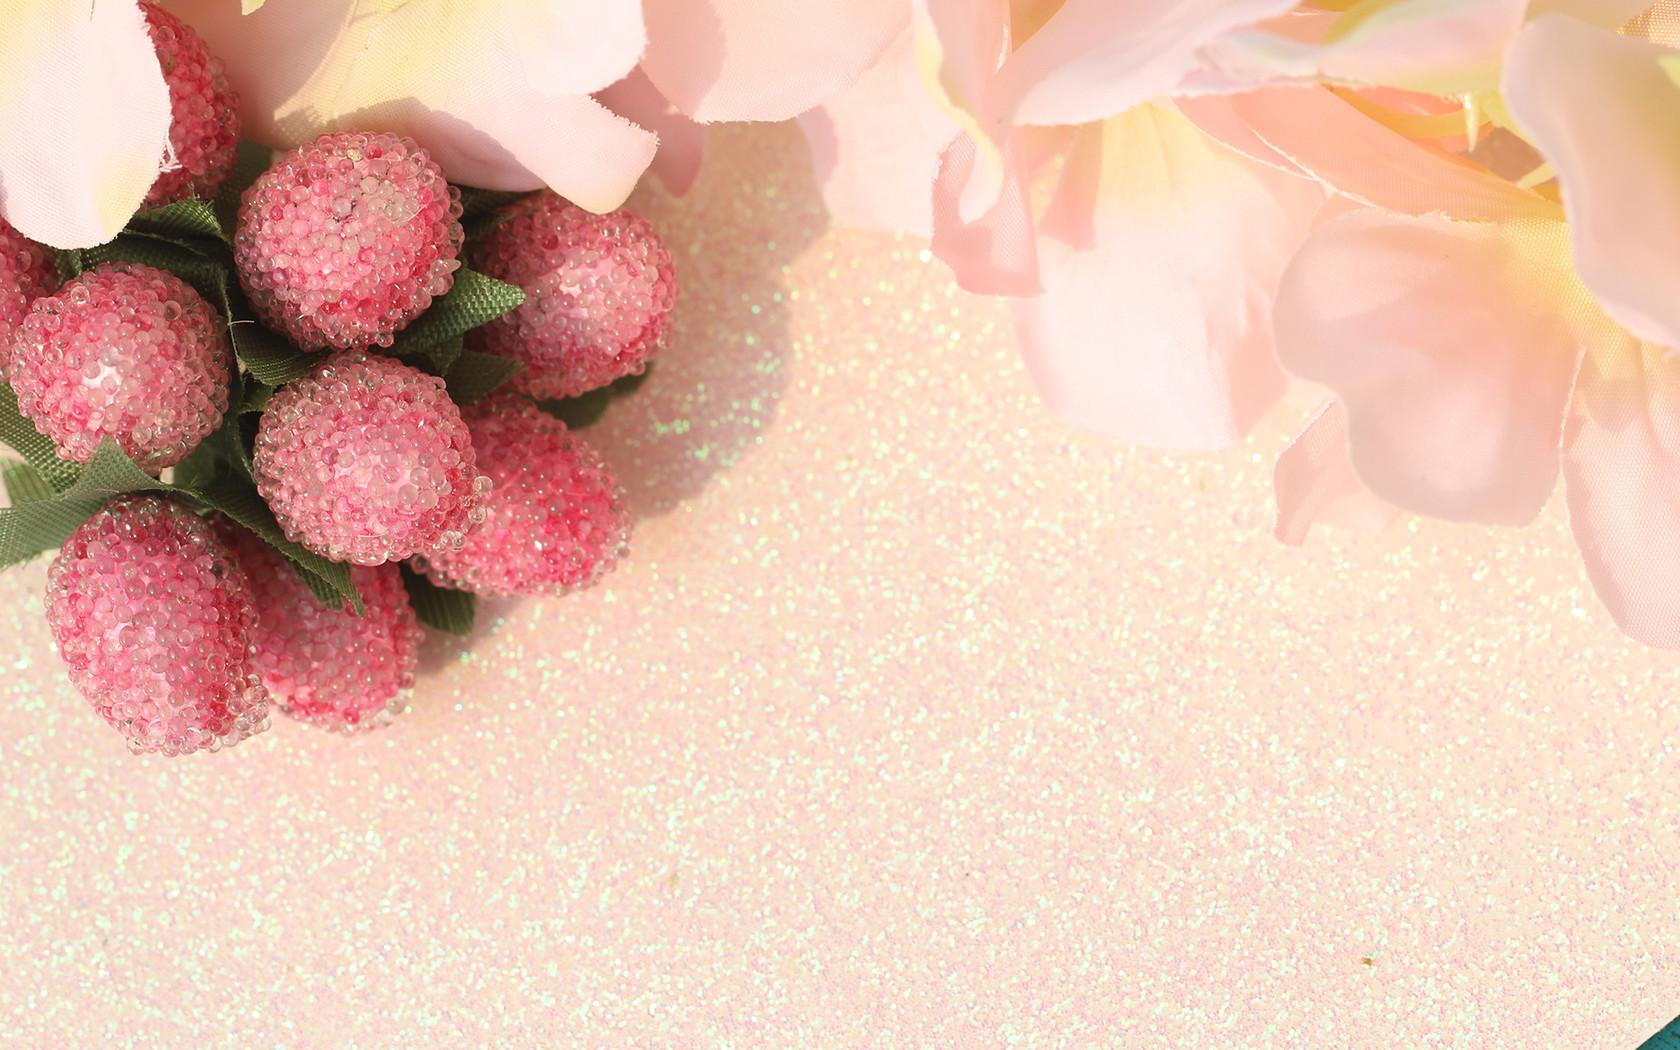 小清新浆果和花朵暖色PPT背景图片免费下载是由PPT宝藏(www.pptbz.com)会员zengmin上传推荐的淡雅PPT背景图片, 更新时间为2017-01-16,素材编号119578。 浆果,是由子房或联合其他花器发育成柔软多汁的肉质果。浆果类果树种类很多,如葡萄、猕猴桃、树莓、醋栗、越橘、果桑、无花果、石榴、杨桃、人心果、番木瓜、番石榴、蒲桃、西番莲等。 浆果类的营养成分因果实不同而异,外果皮为一到数层薄壁细胞,中果皮 与内果皮一般难以区分。中果皮、内果皮和胎座均肉质化,含丰富浆汁。任何形小肉质果